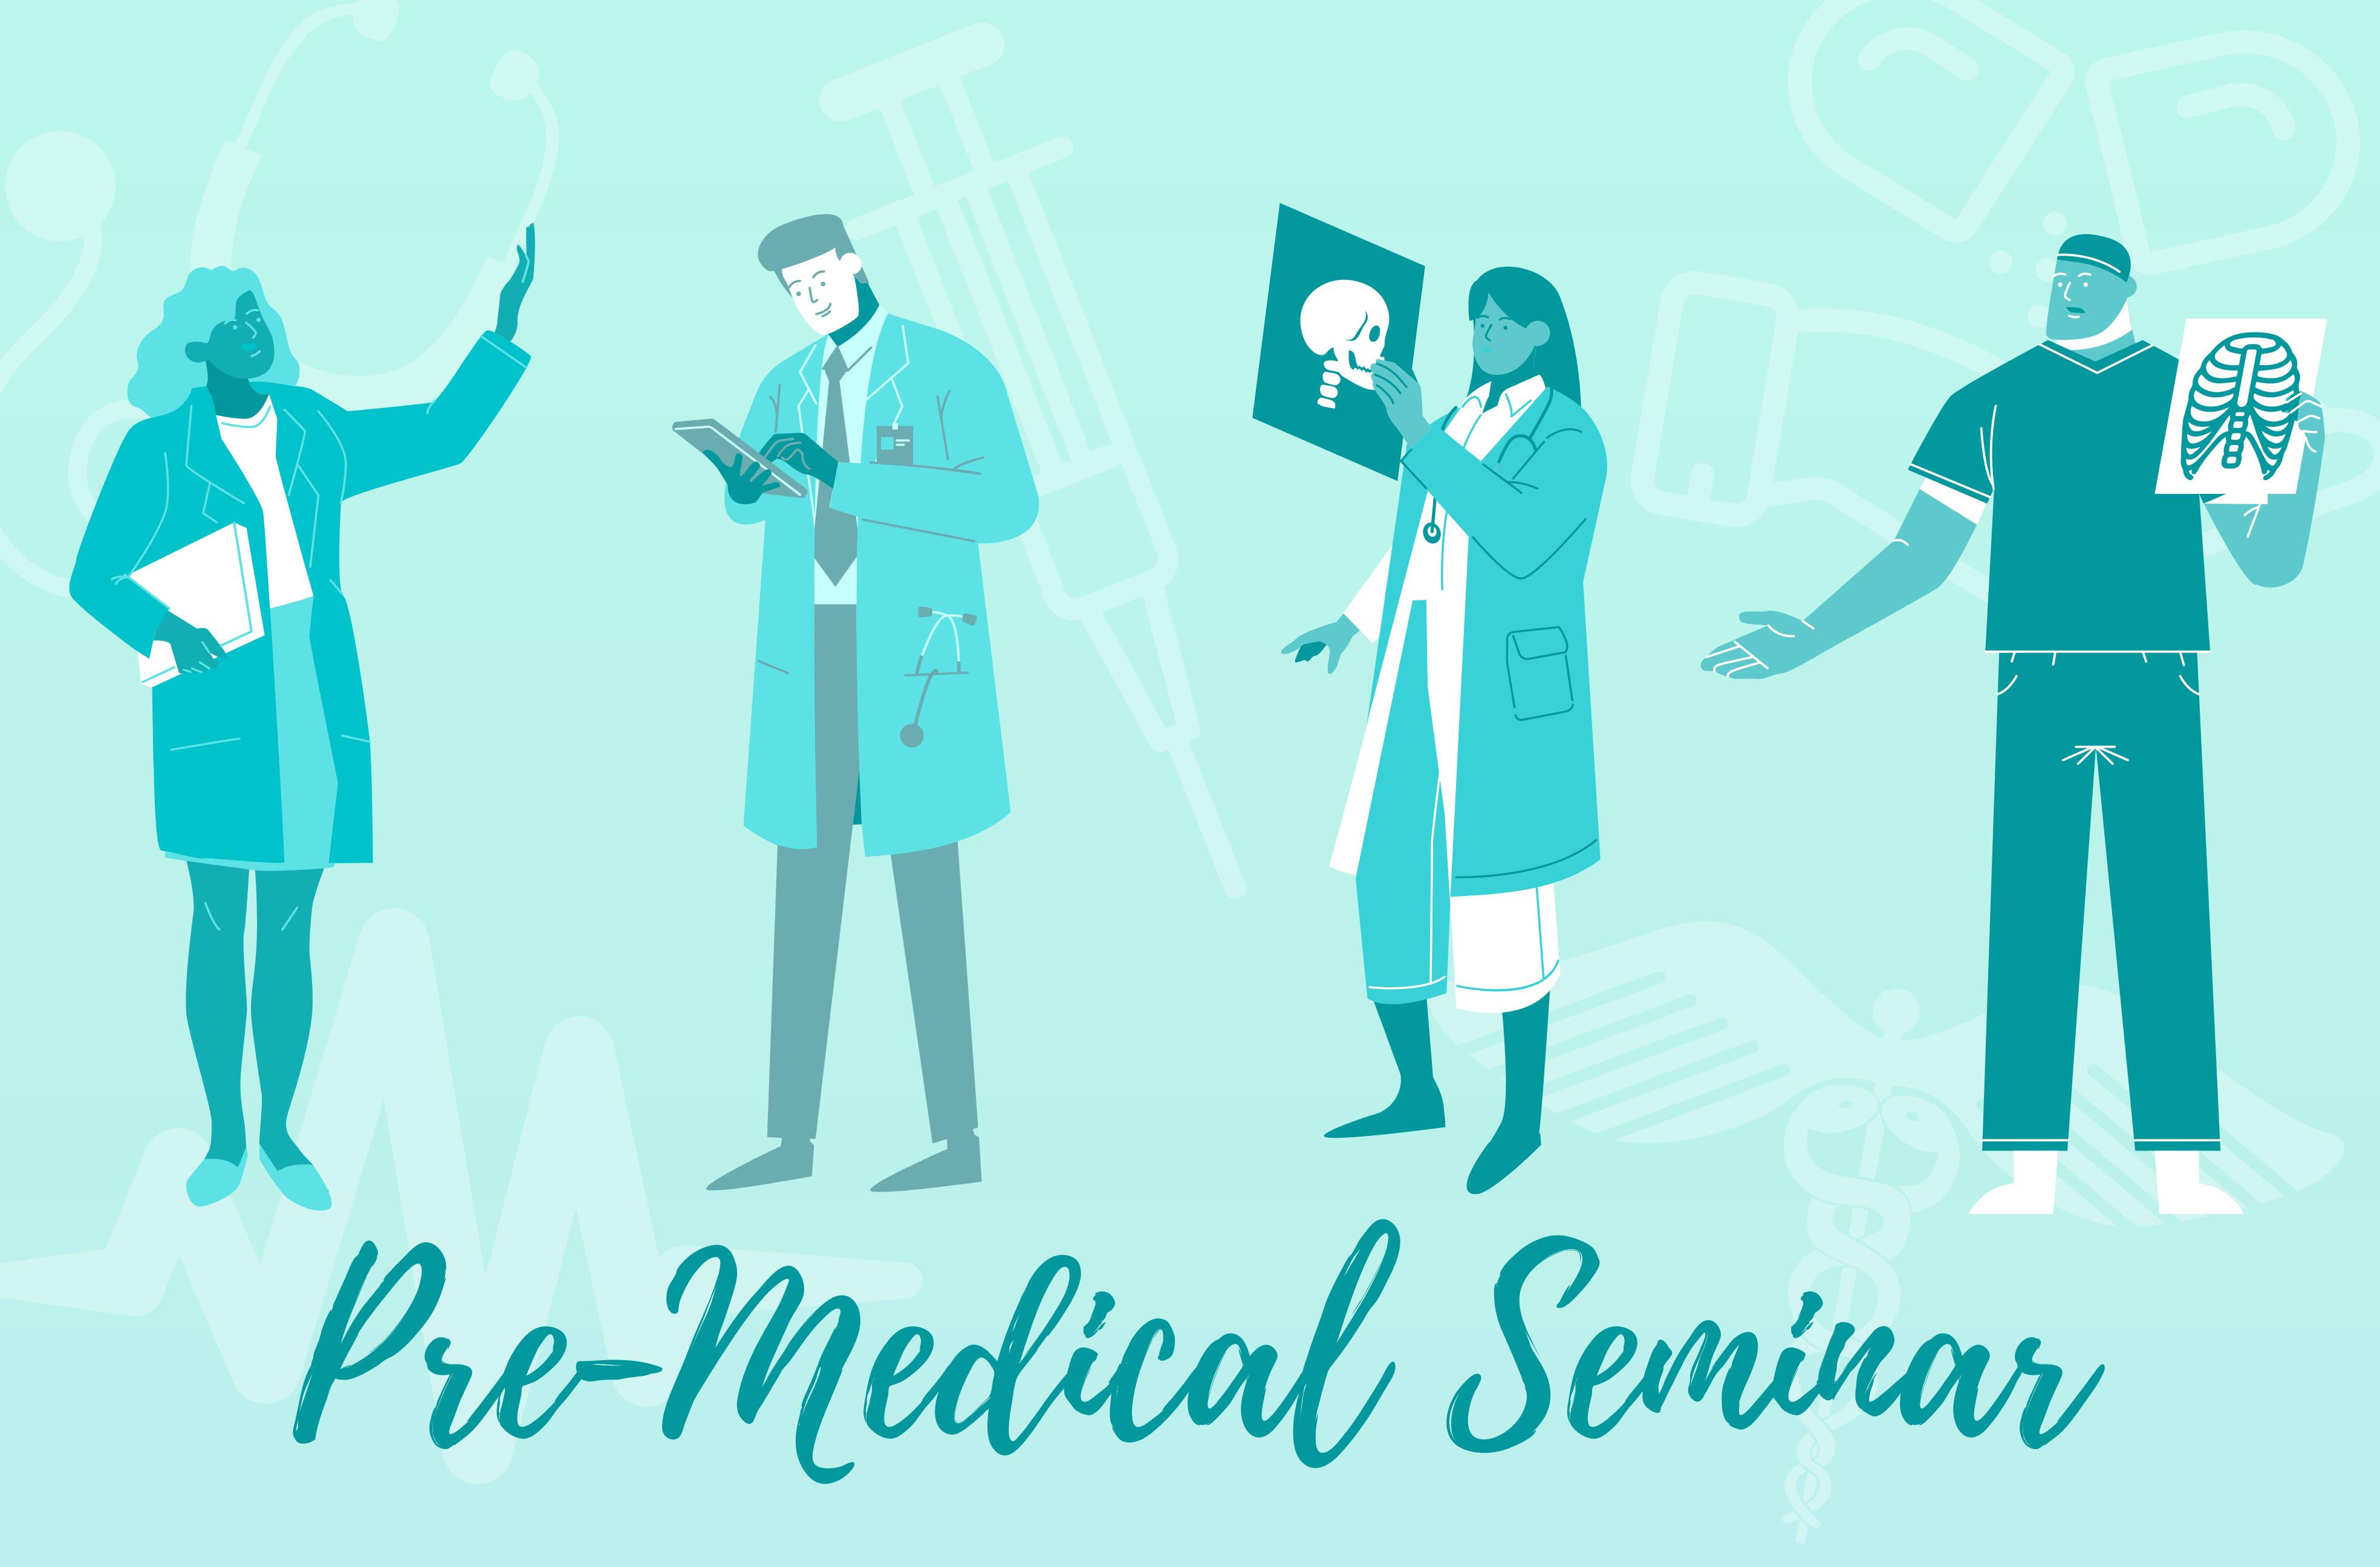 Pre-Medical Seminar